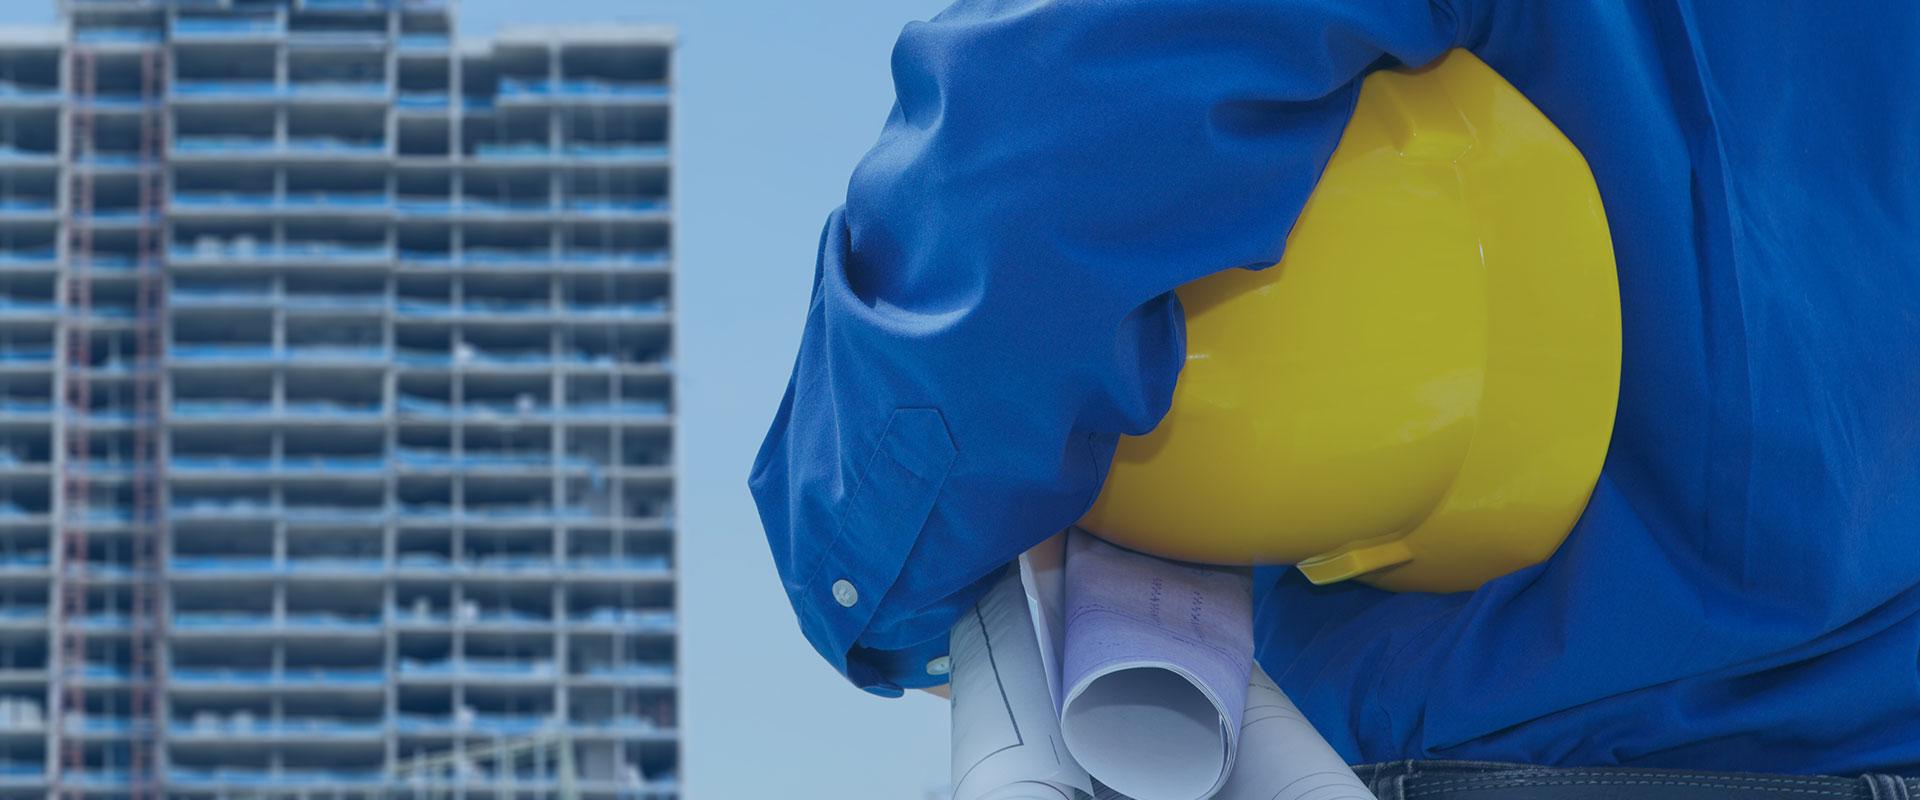 Capa banner-02.jpg - Seguro de Riscos de Obras de Engenharia